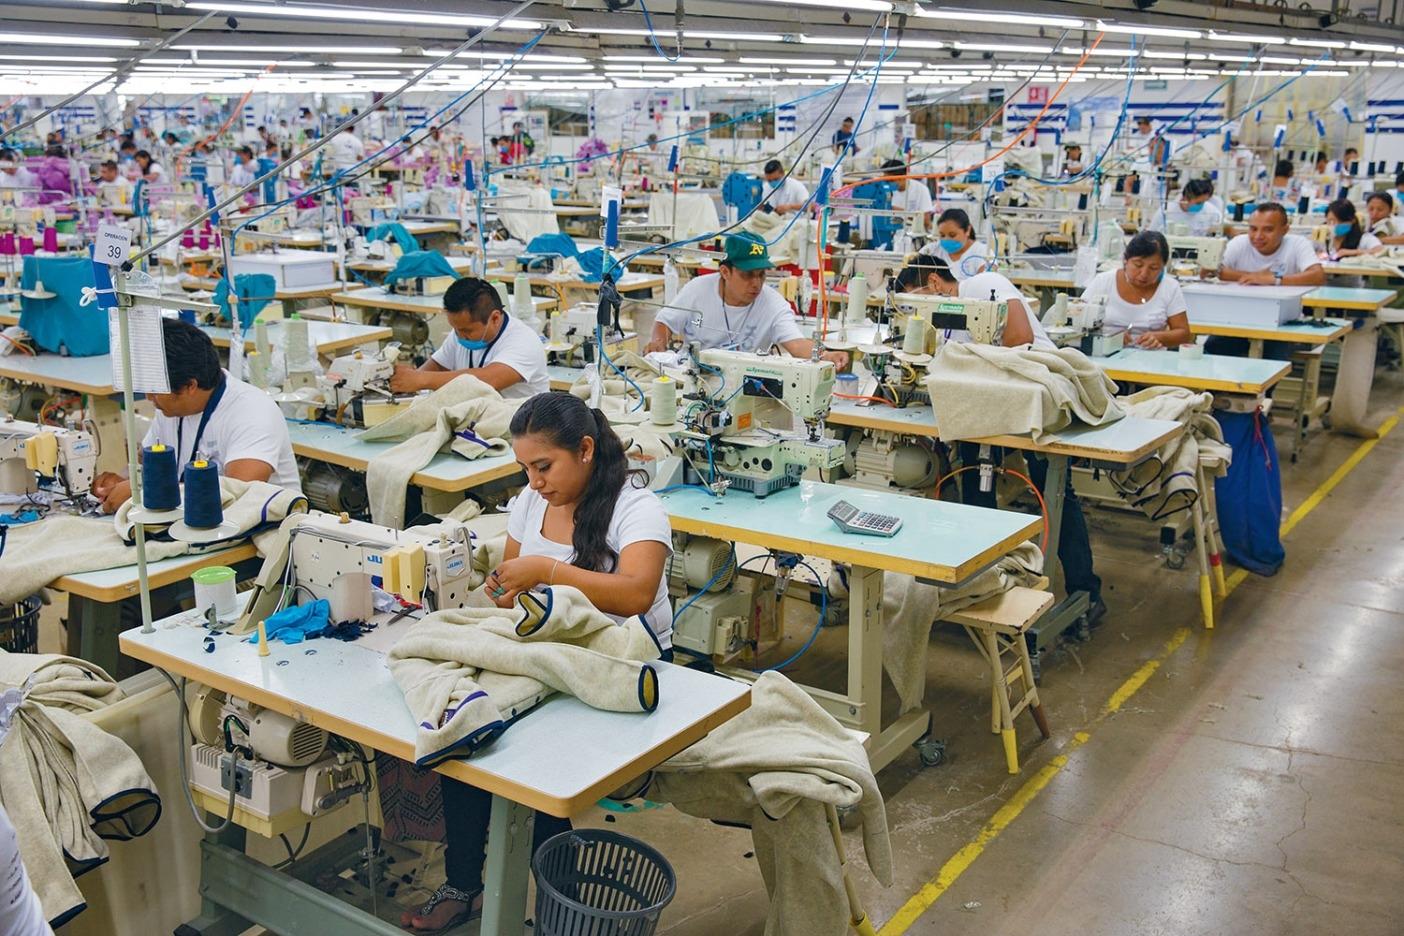 パタゴニアのフリースが製造されているフェアトレード認証工場ホング・ホーで働く人たち。メキシコ、バヤドリド。Photo: Keri Oberly